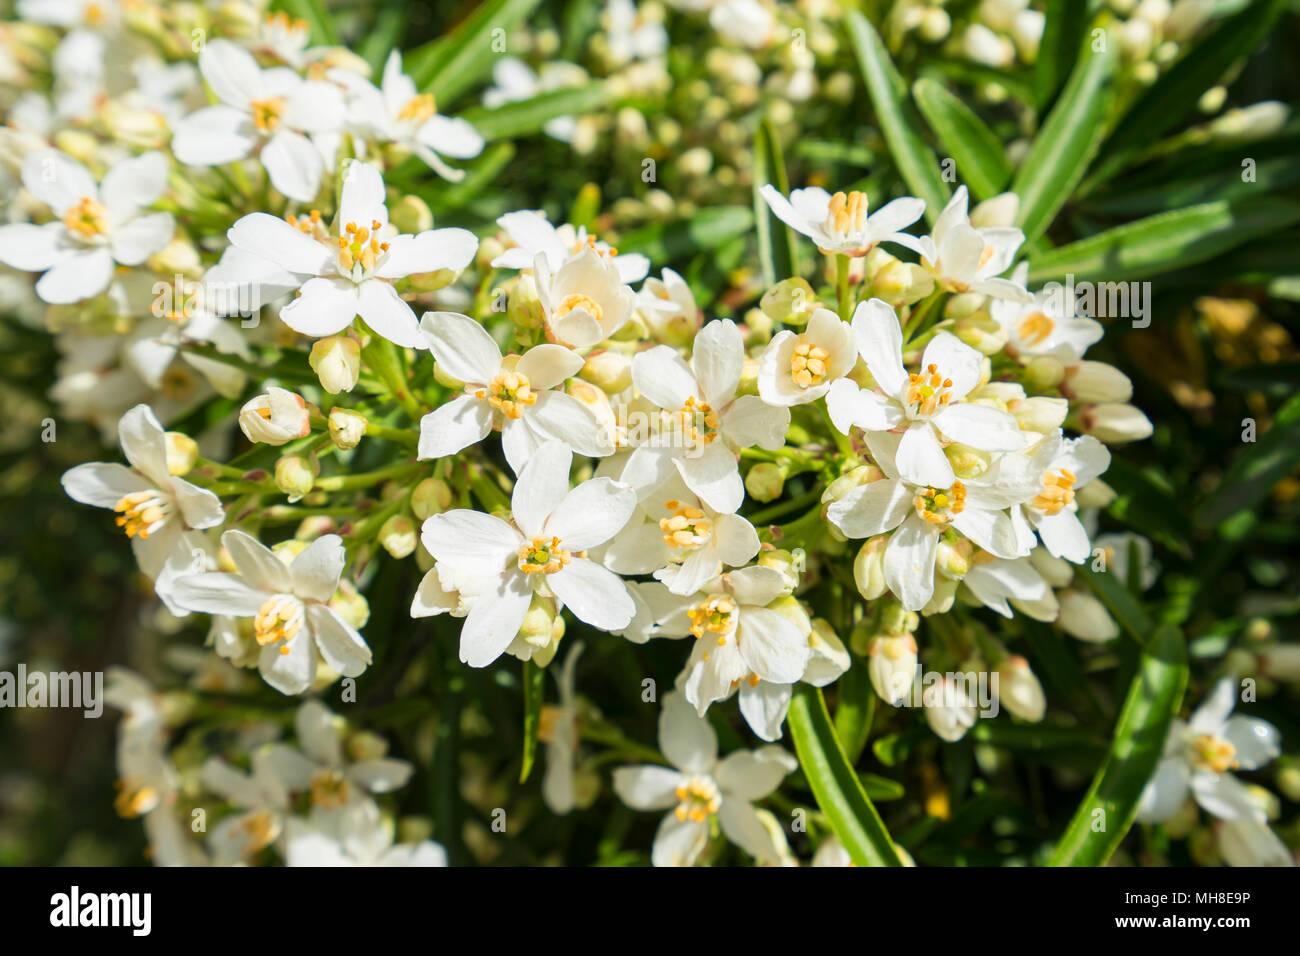 aztec-pearl-in-flower-MH8E9P.jpg